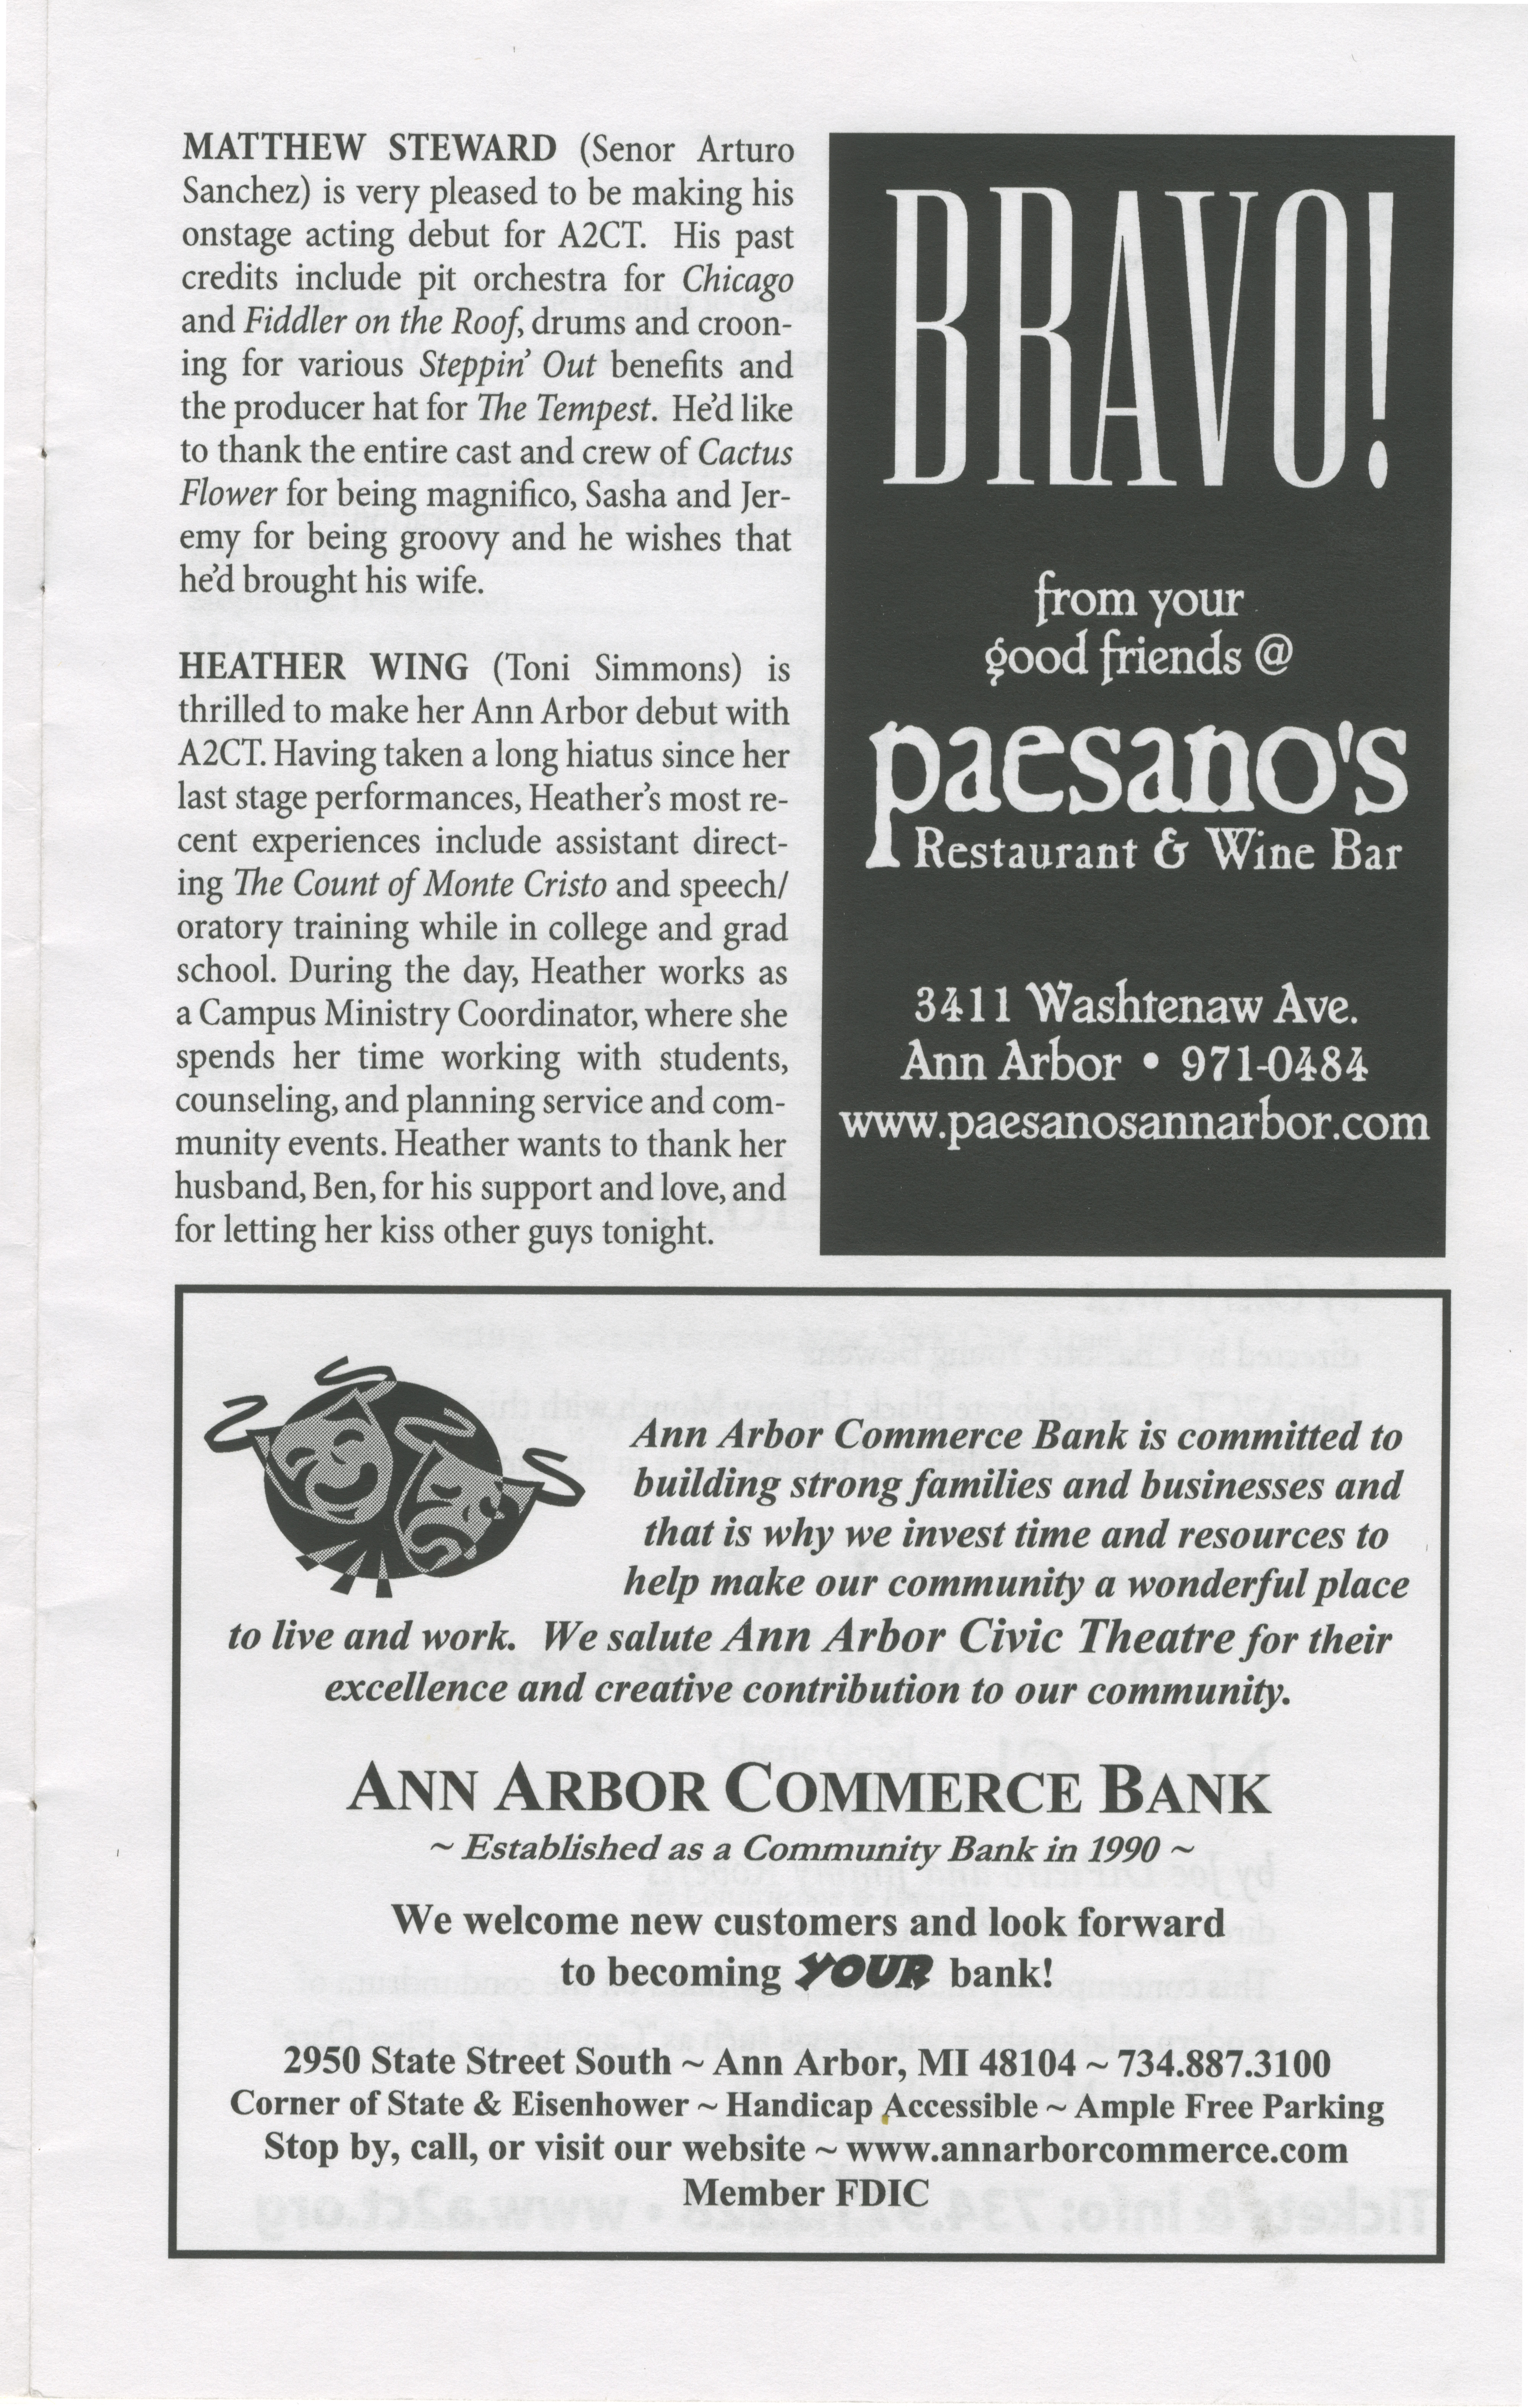 Ann Arbor Civic Theatre Program: Cactus Flower, April 19, 2007